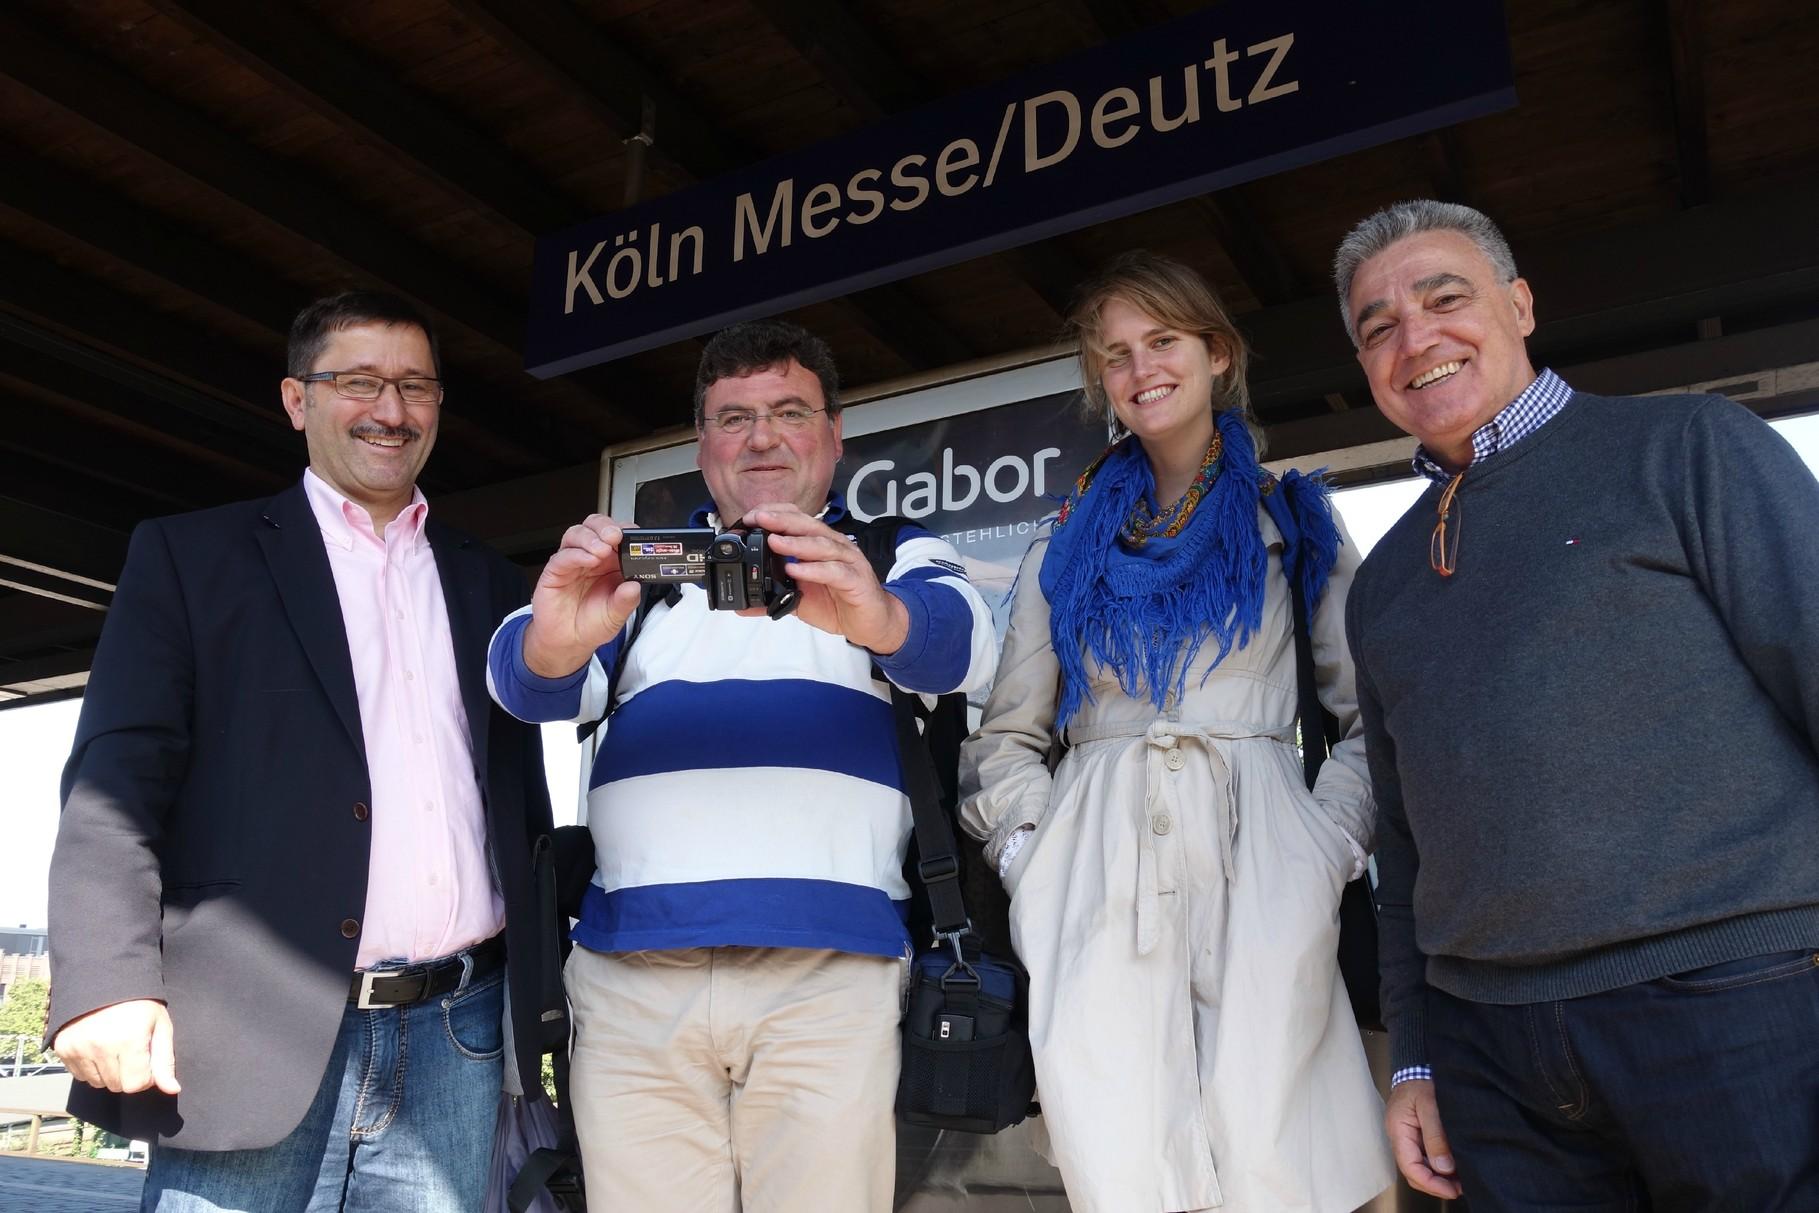 Chegada do neto de Armando Rodrigues de Sá à estação de comboios Köln-Deutz a 12 de Setembro. Fotos: Cristina Krippahl